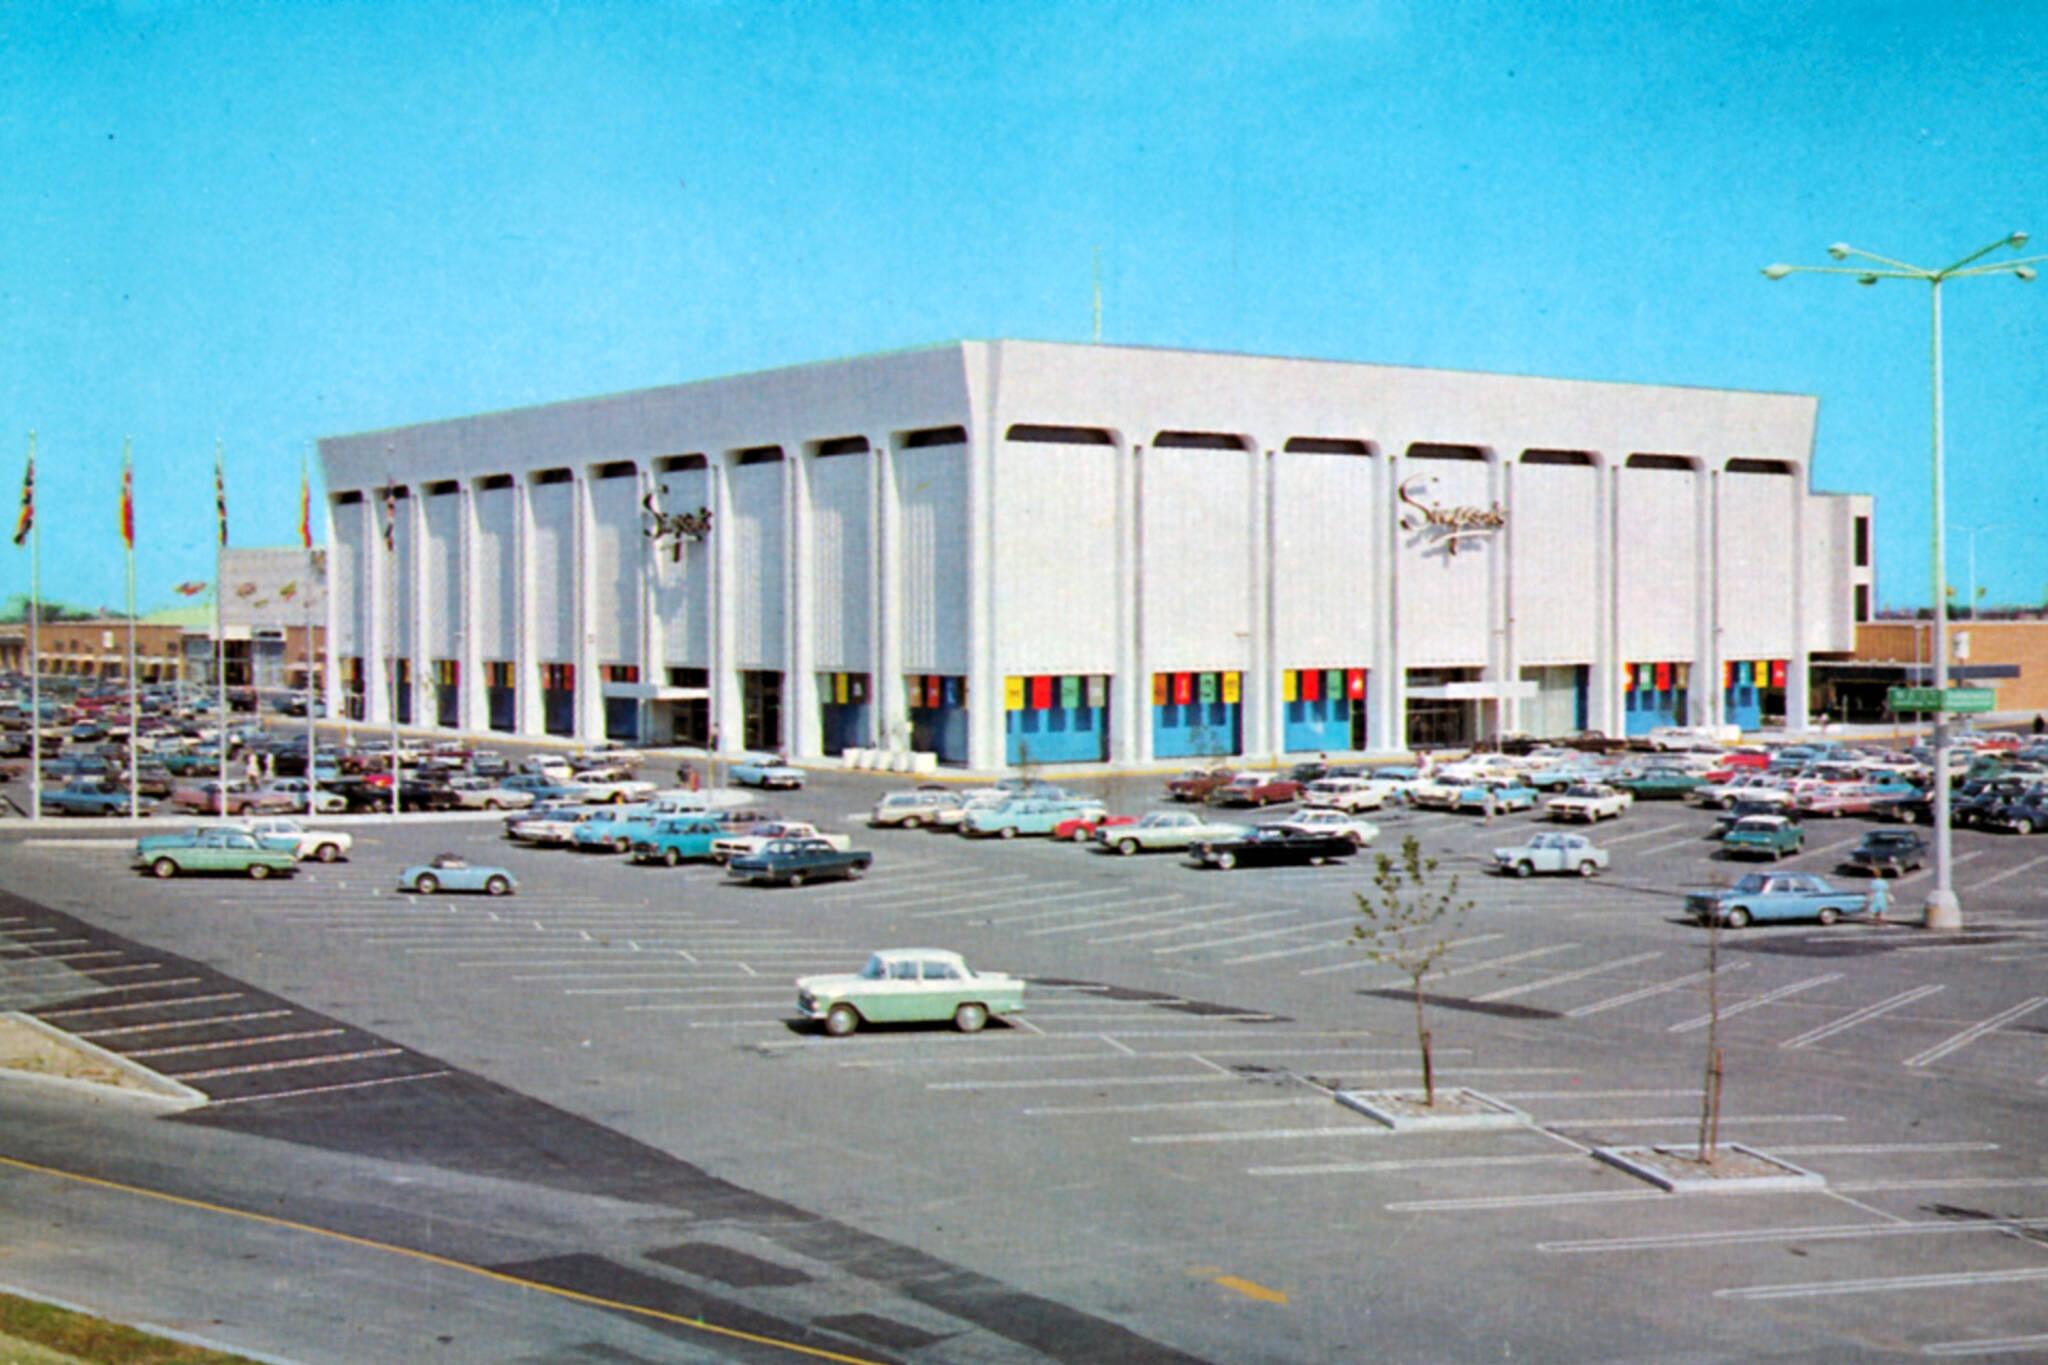 City Of Seatac Building Department